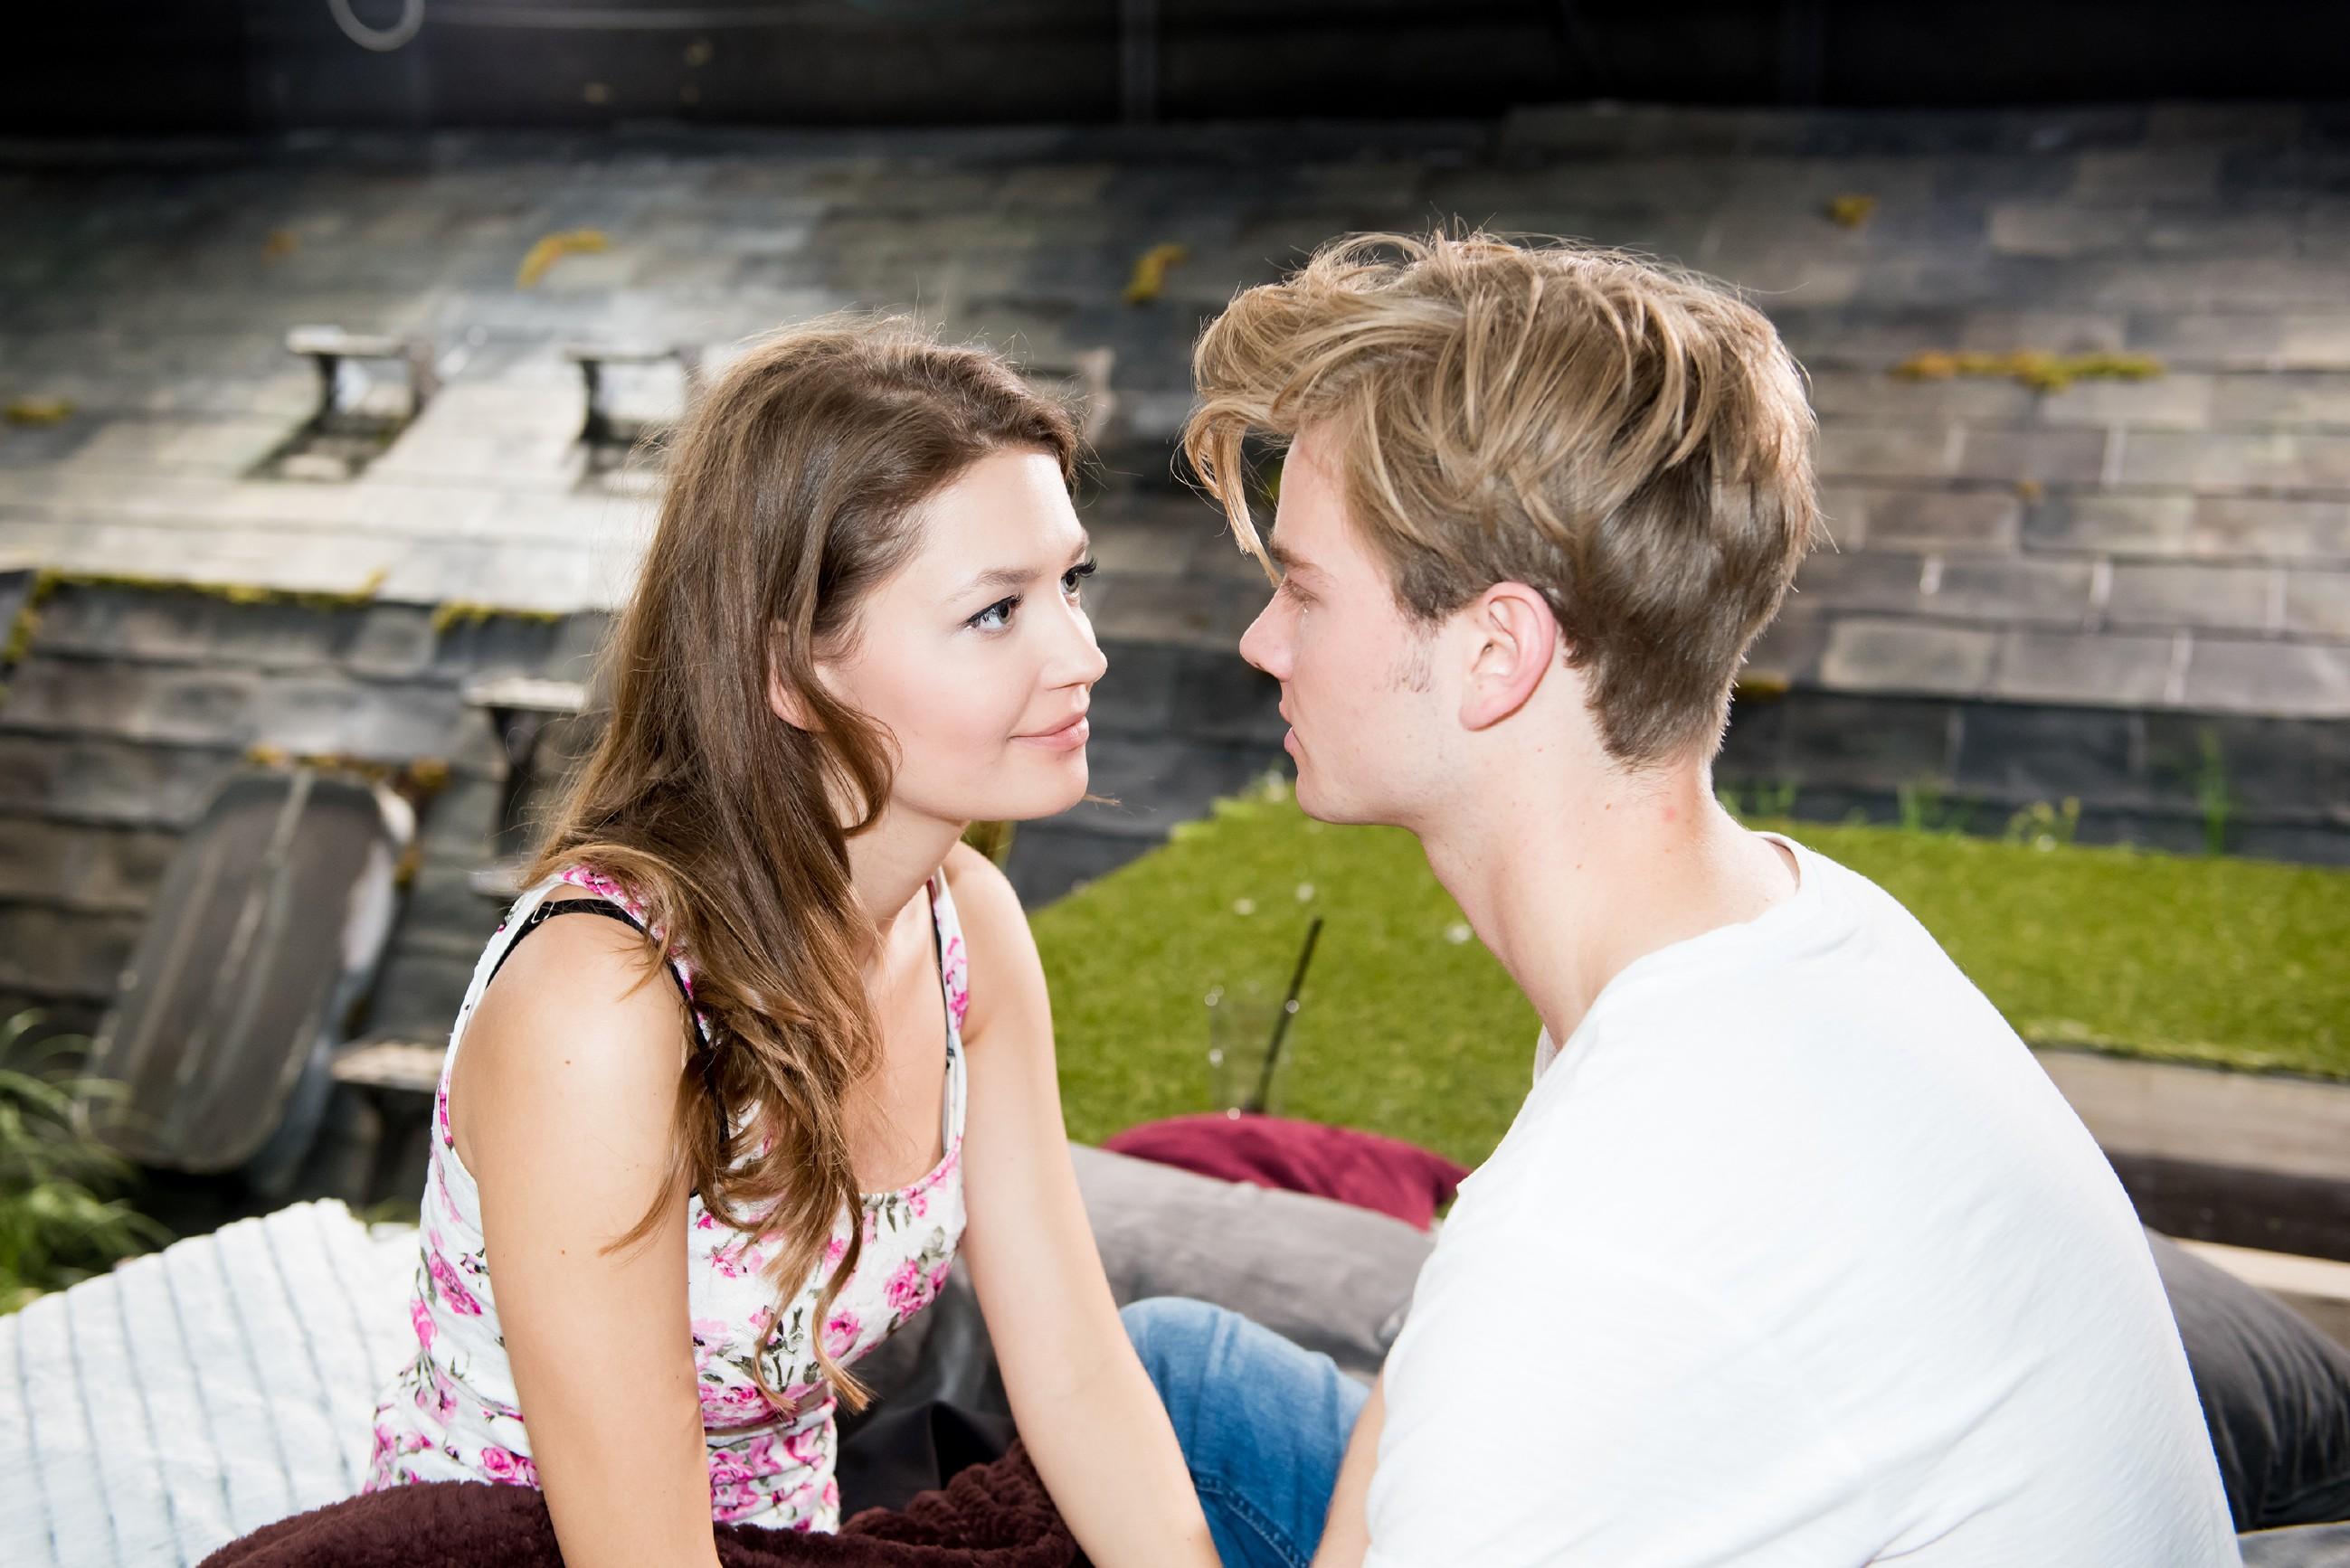 Als Jule (Amrei Haardt) von Valentins (Aaron Koszuta) veränderten Auftreten sehr angetan ist, geht Valentin aufs Ganze und die beiden werden ein Paar. (Quelle: RTL / Stefan Behrens)